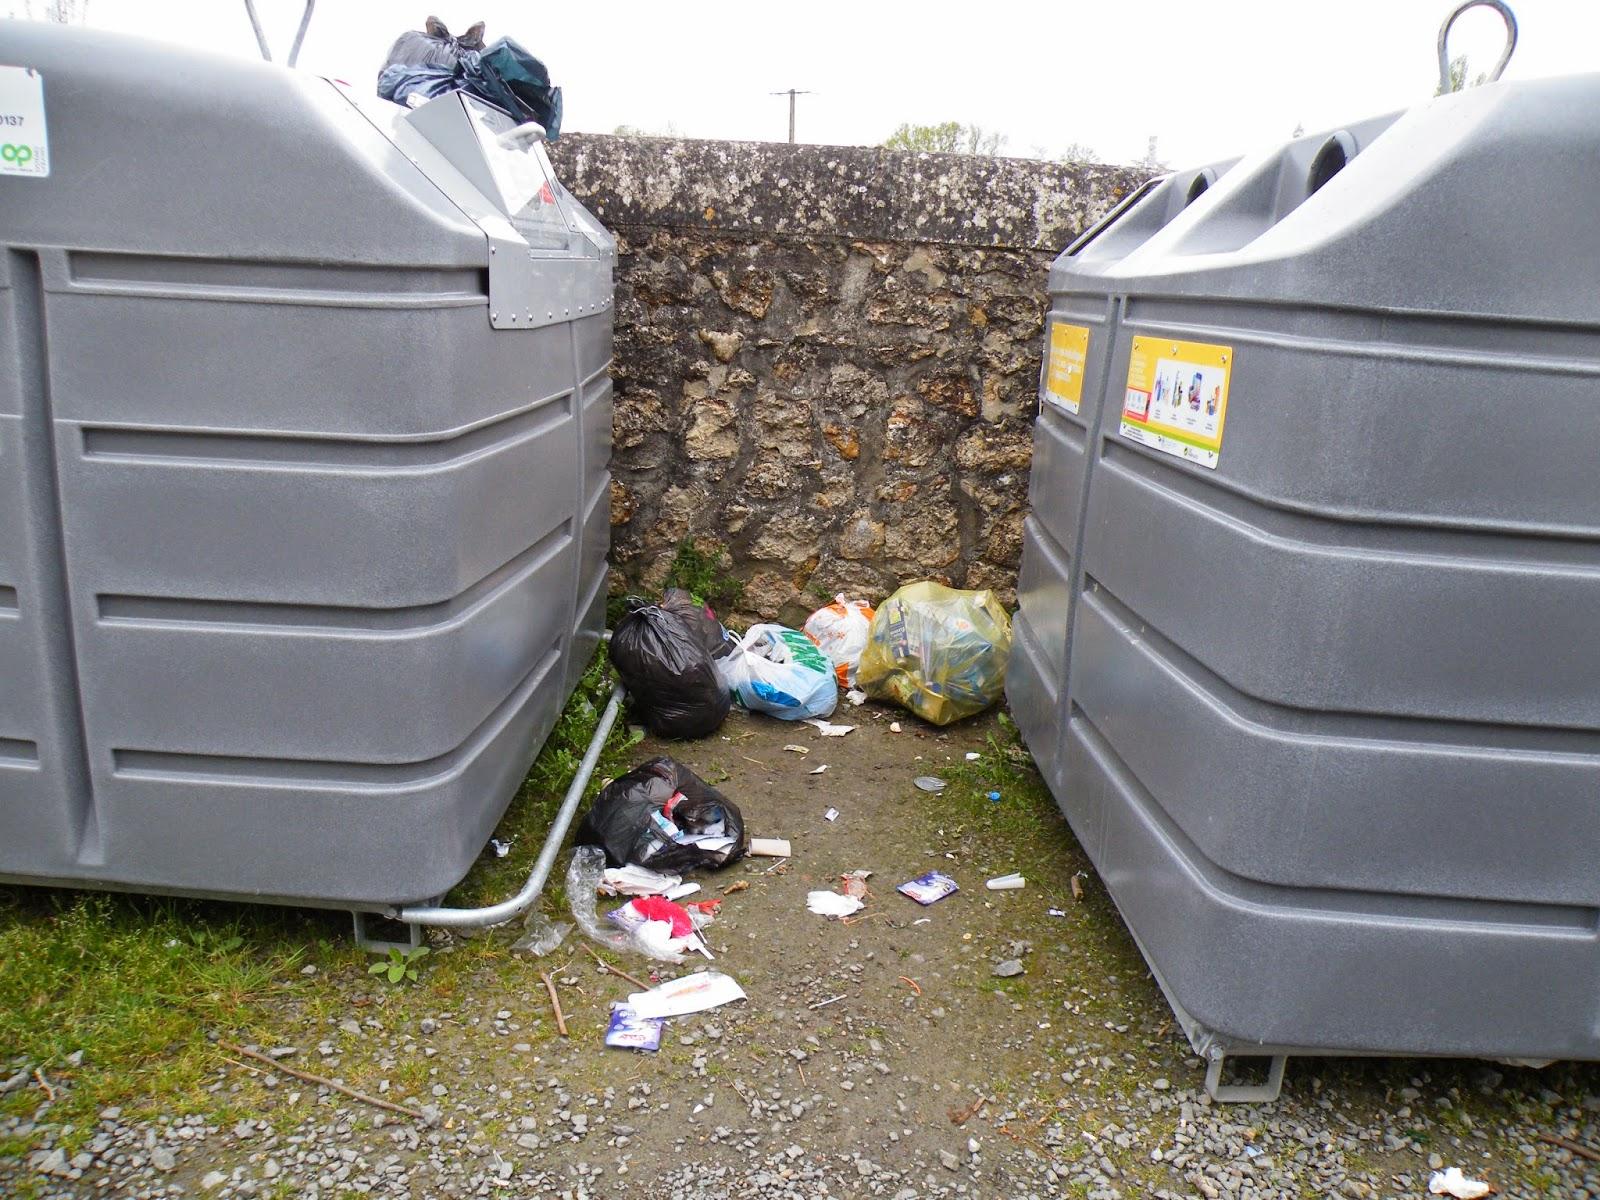 Poubelles Noires De Jardin du-four-au-jardin-et-mes-dix-doigts: poubelles